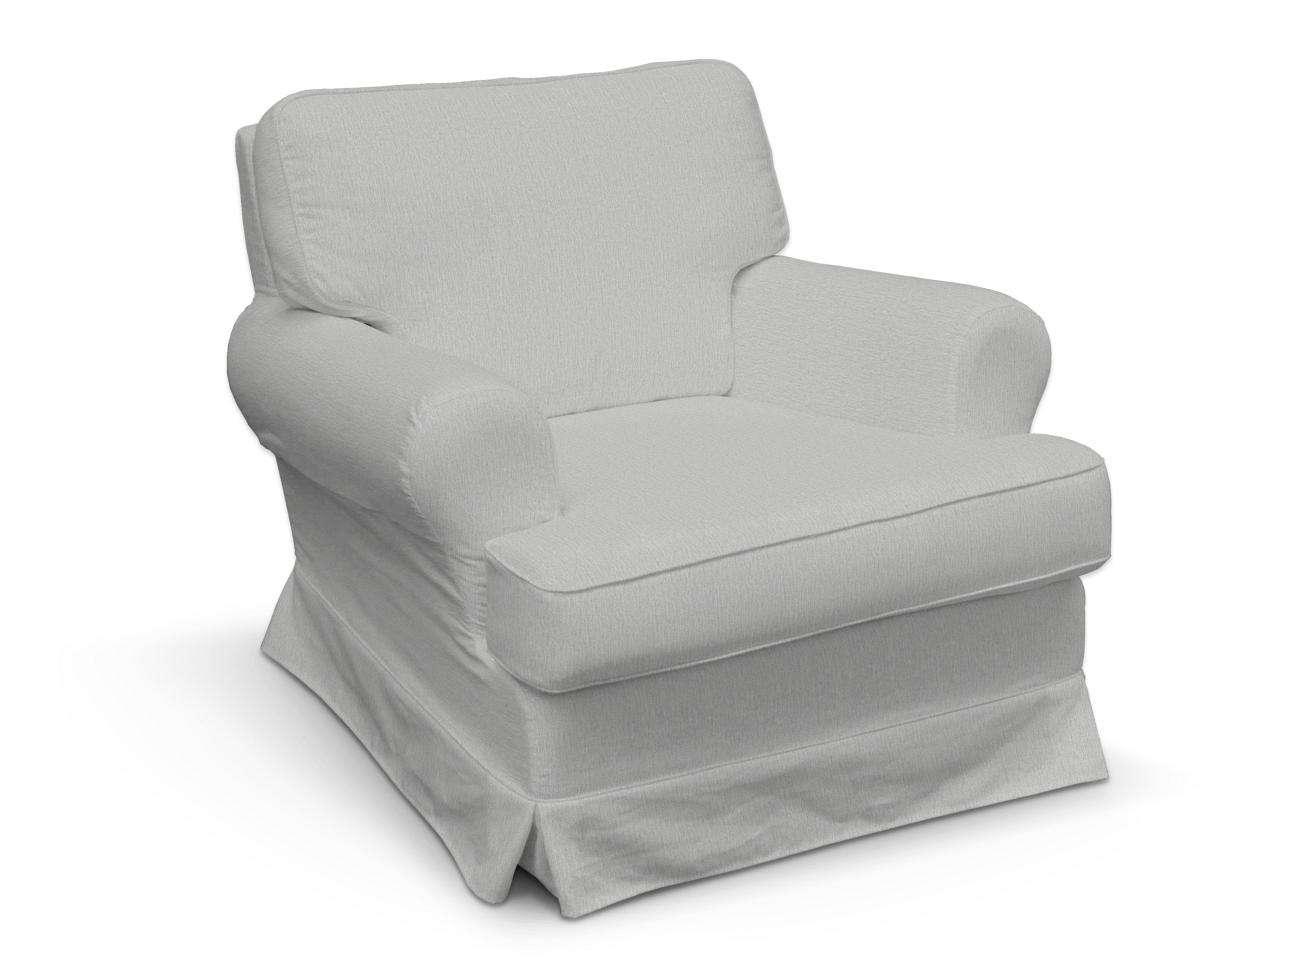 Pokrowiec na fotel Barkaby w kolekcji Chenille, tkanina: 702-23